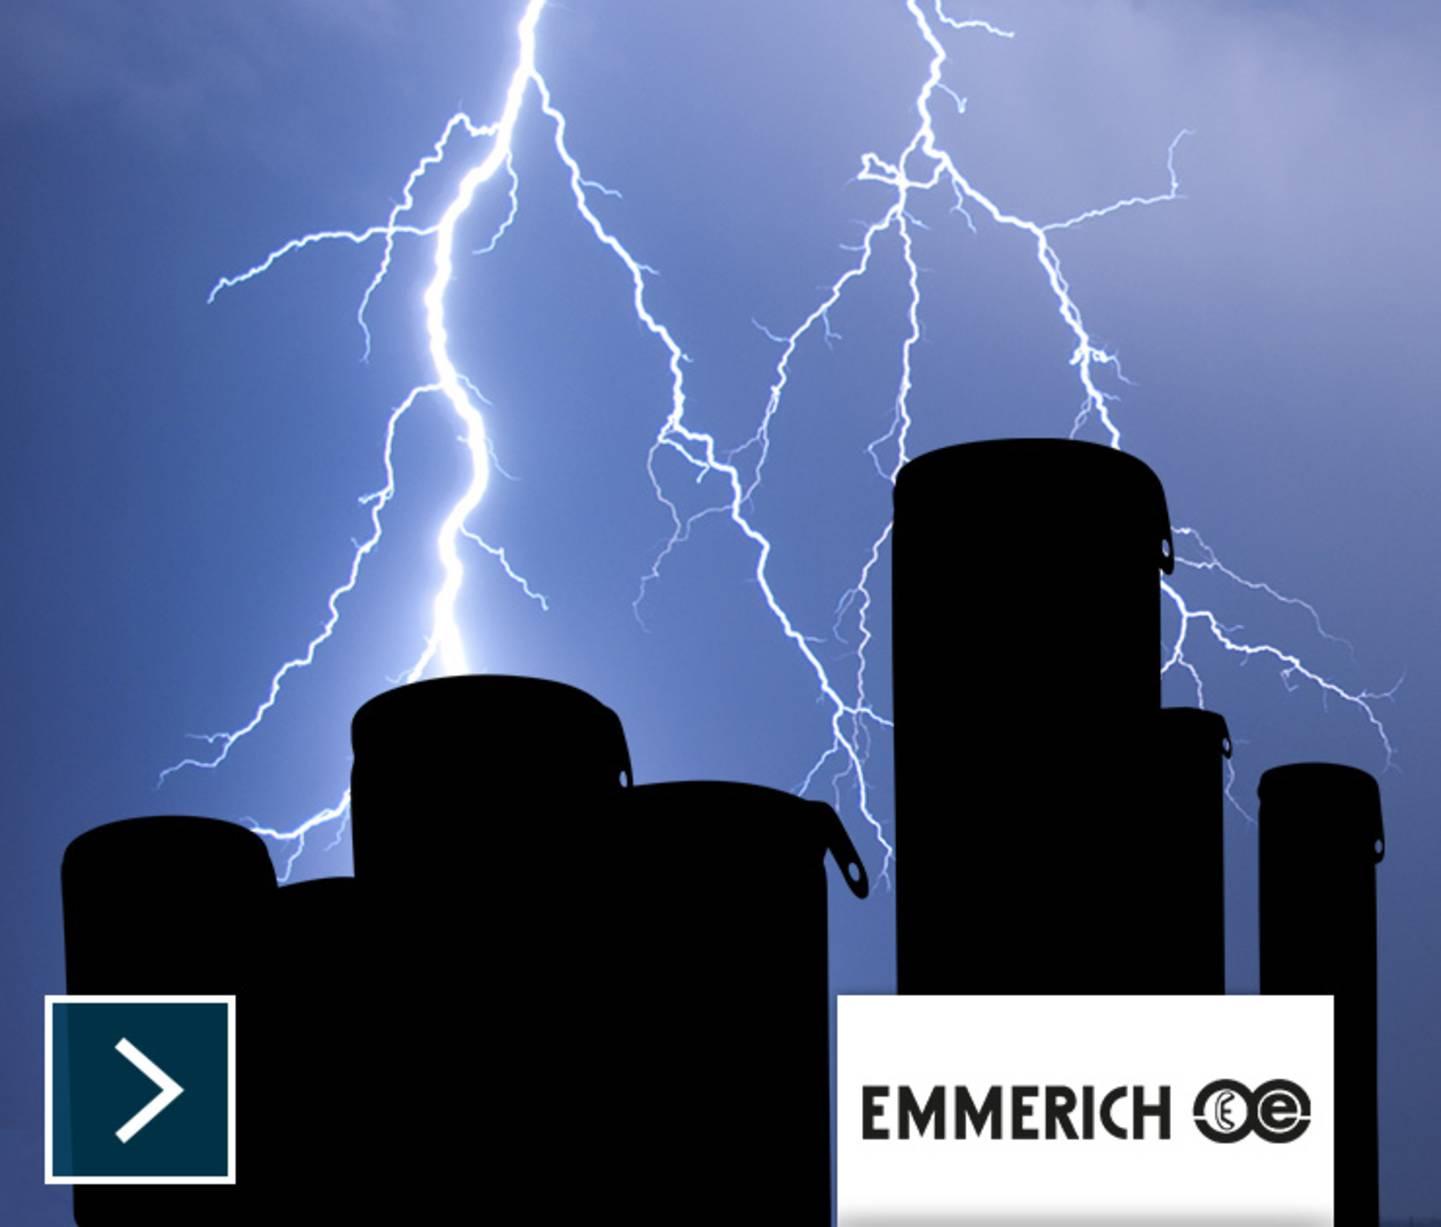 Emmerich »